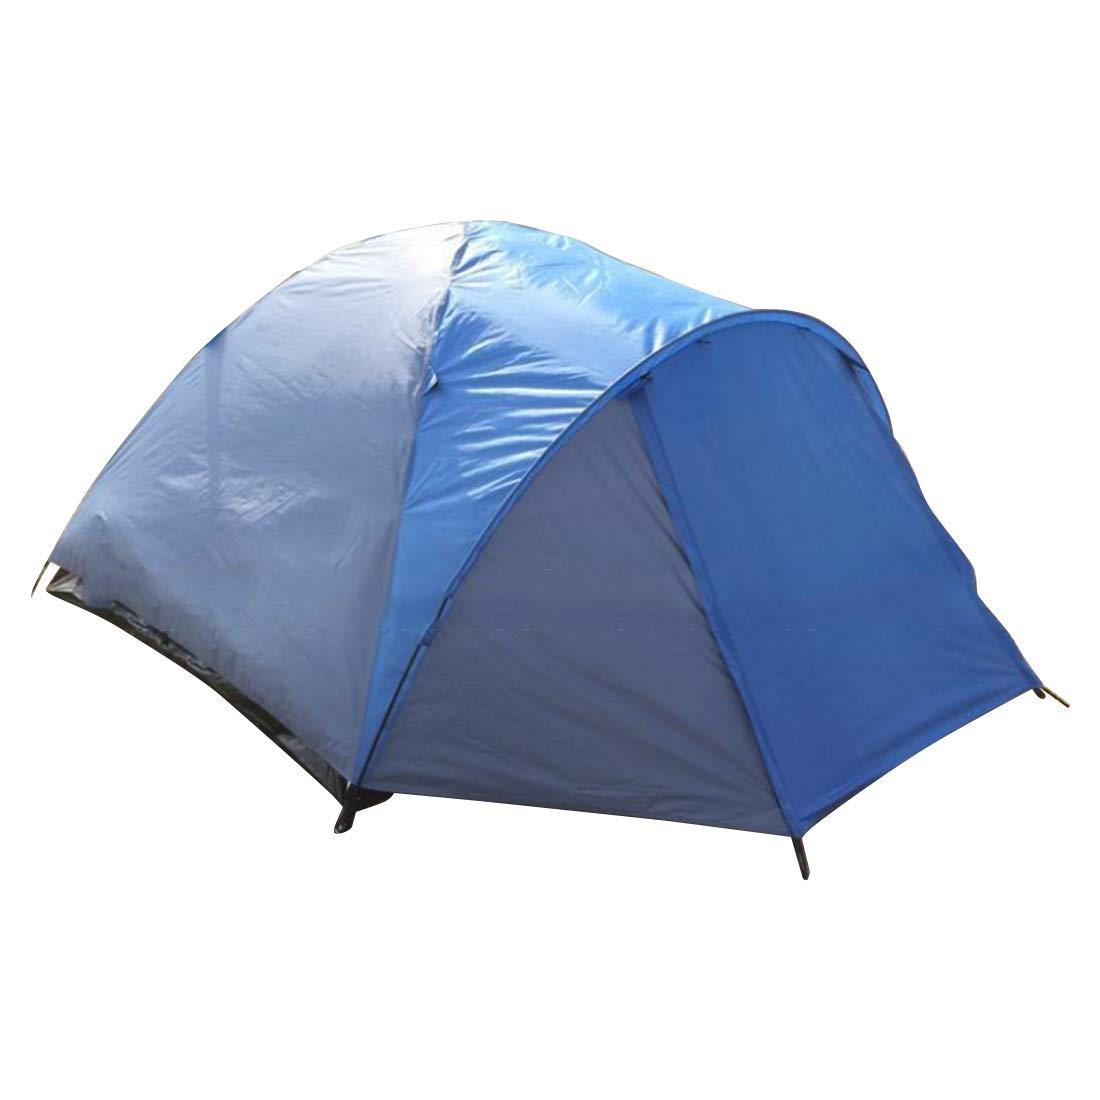 JESSIEKERVIN YY3 Zelt für 3 Personen oder 4 Personen für Camping im Freien